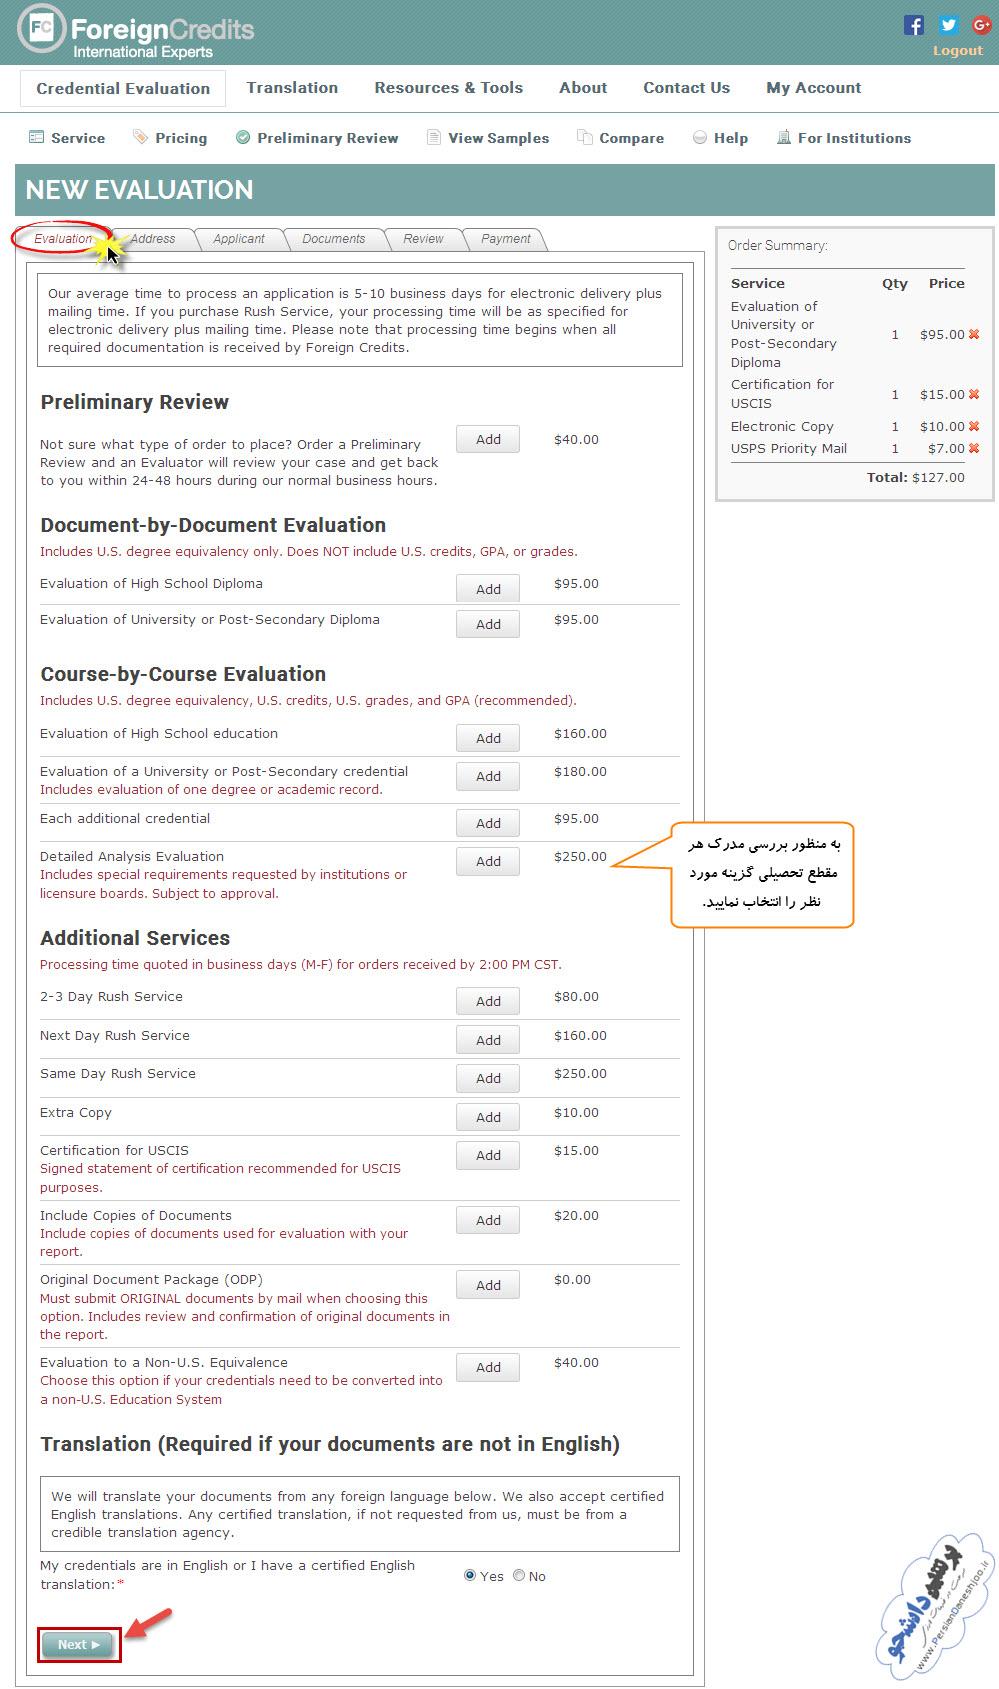 راهنمای معادل سازی مدارک (ForeignCredits)